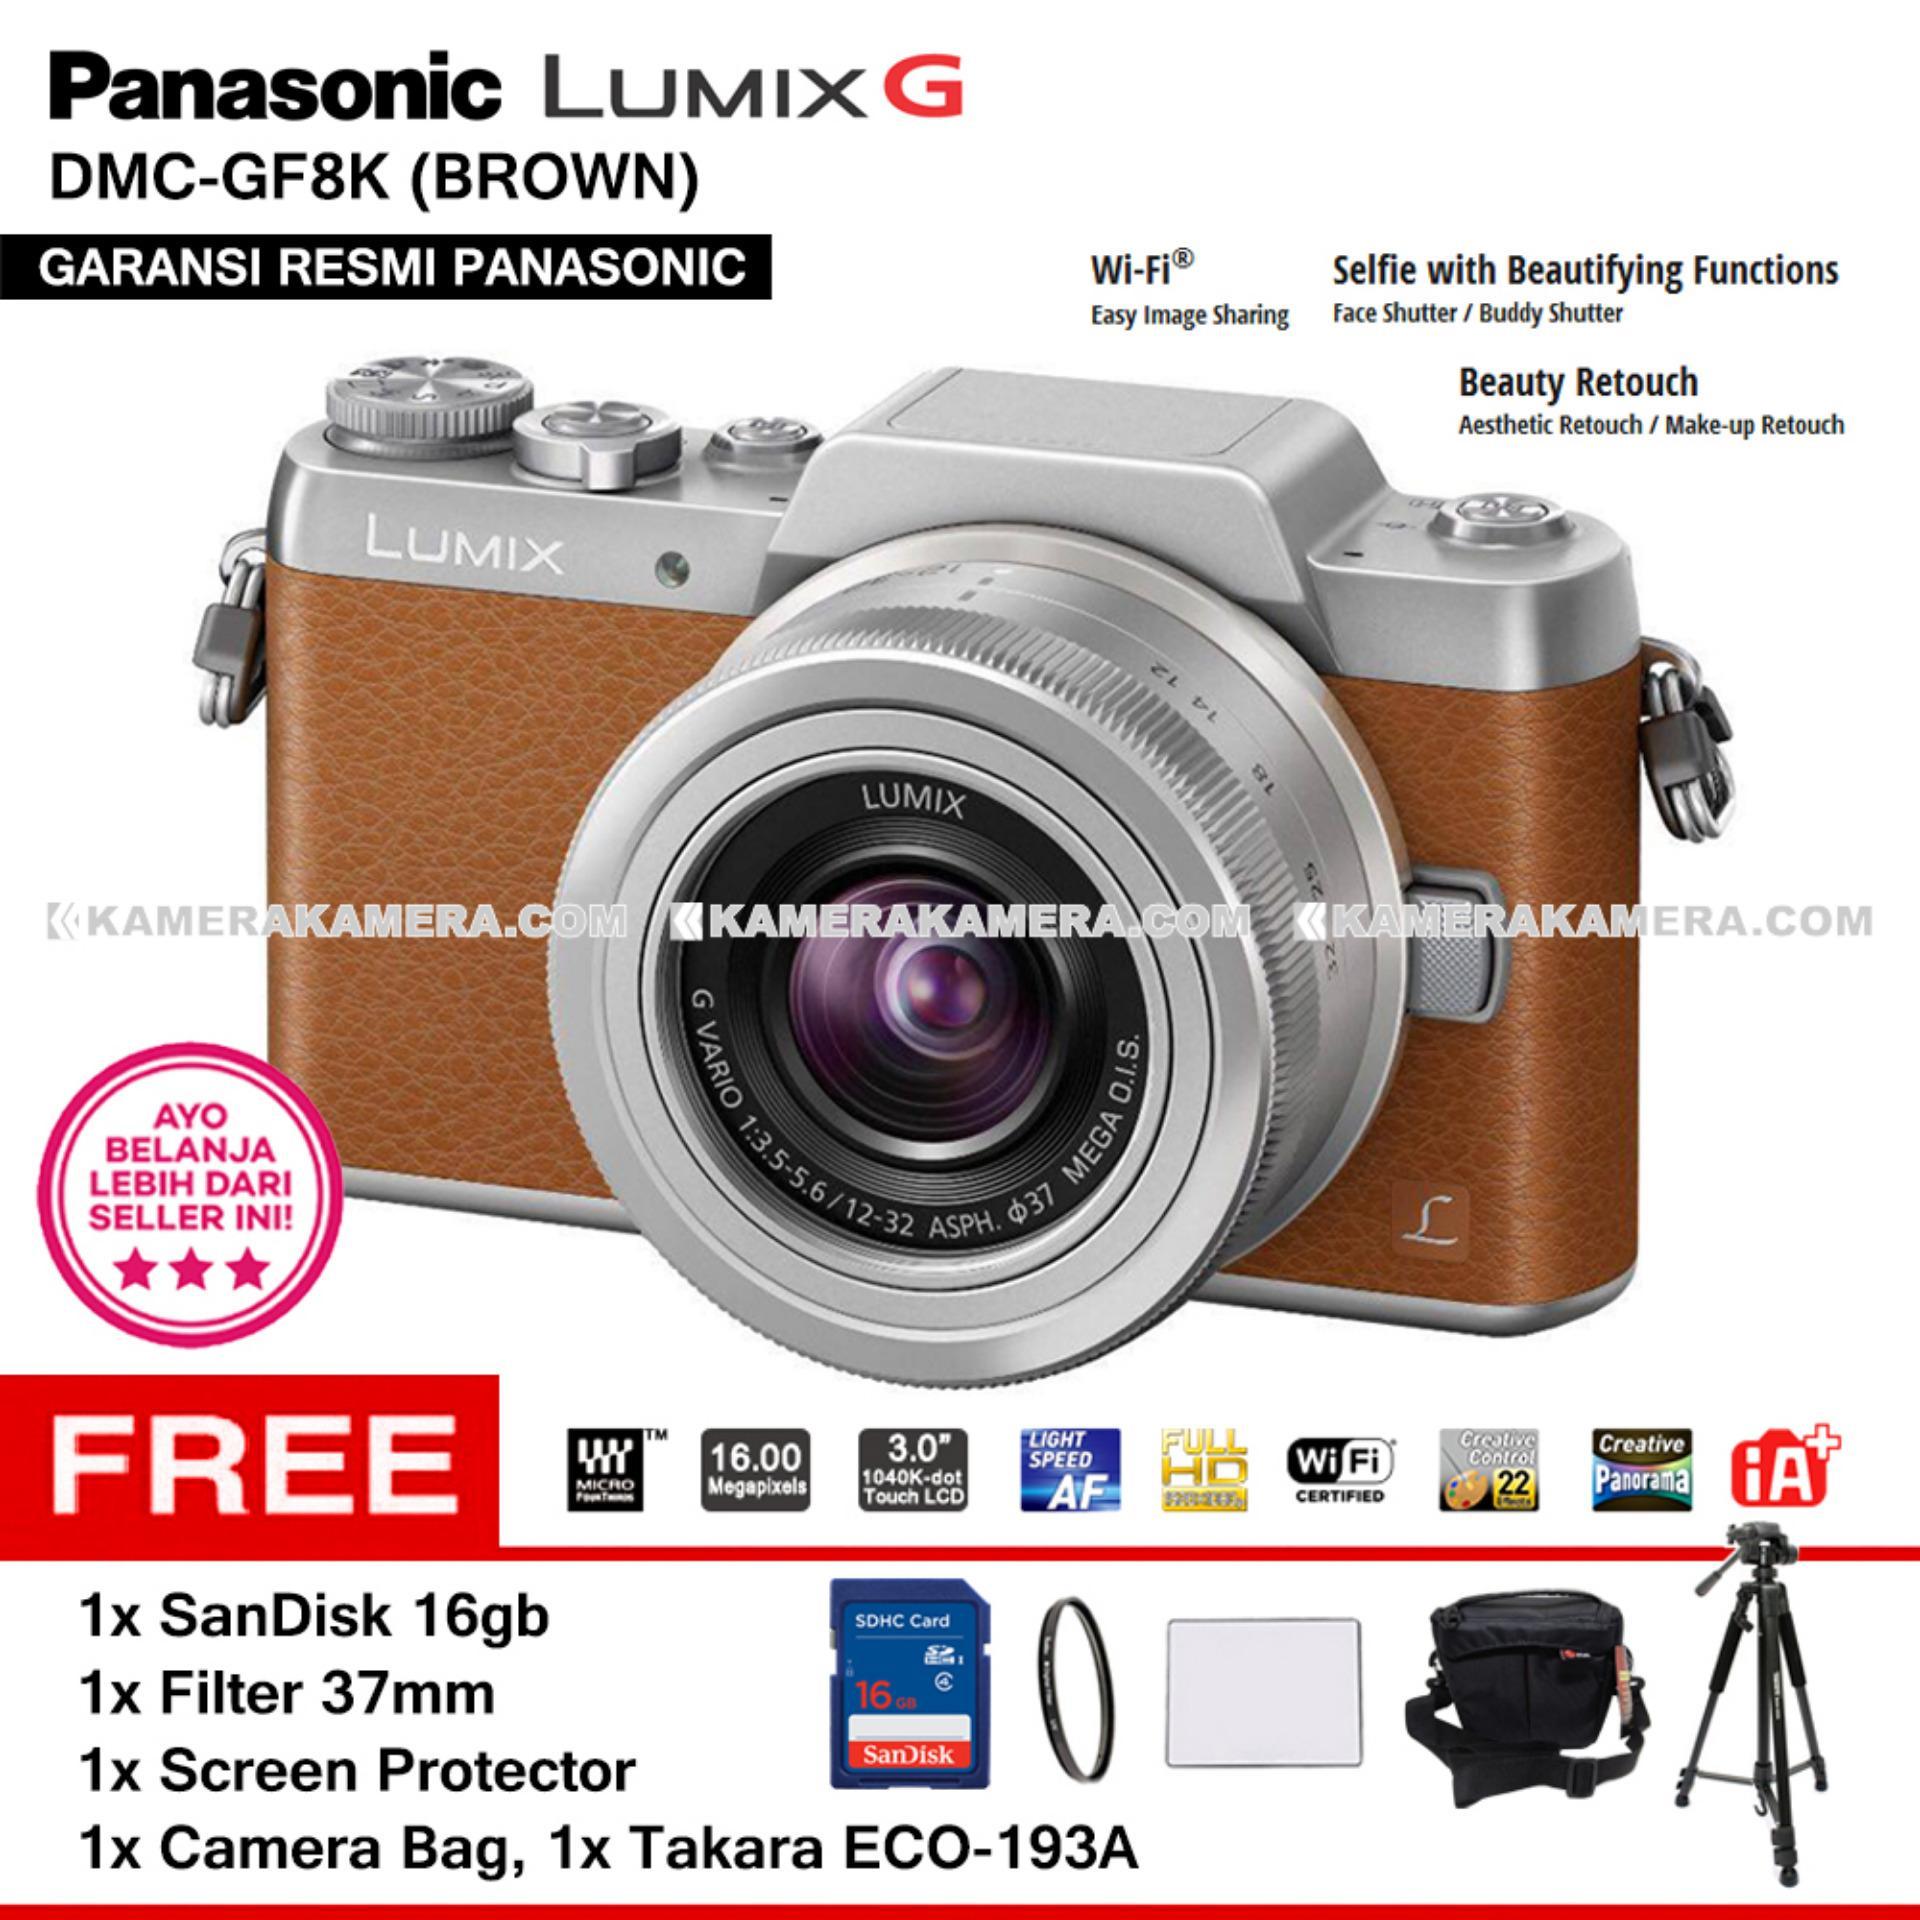 Pricelist Lumix Mirrorless Terbaru November 2018 Panasonic Gf9 Kit 12 32mm Pink 100 300mm F 4 56 Garansi Resmi Dmc Gf8k Brown With G Vario Wifi